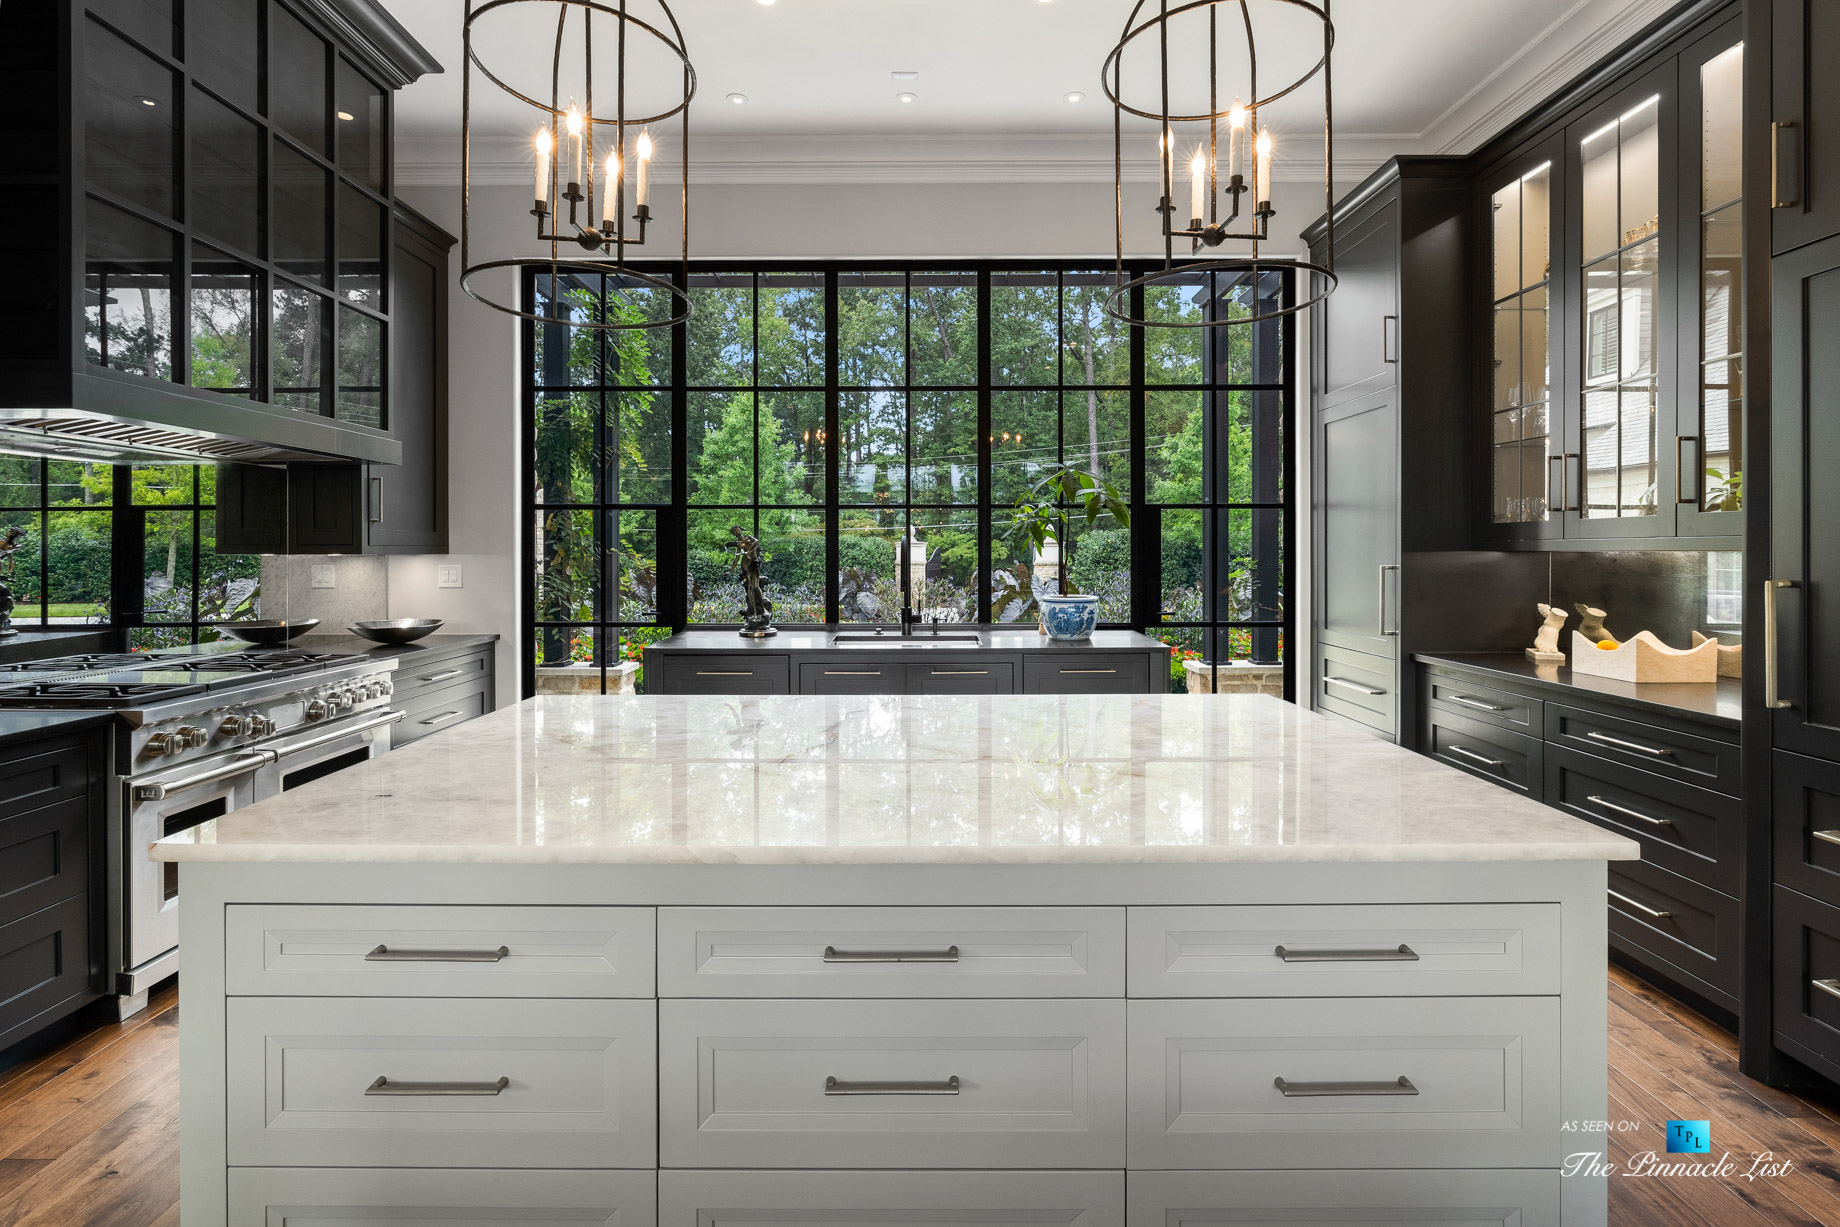 1150 W Garmon Rd, Atlanta, GA, USA – Formal Kitchen Island with View – Luxury Real Estate – Buckhead Estate Home